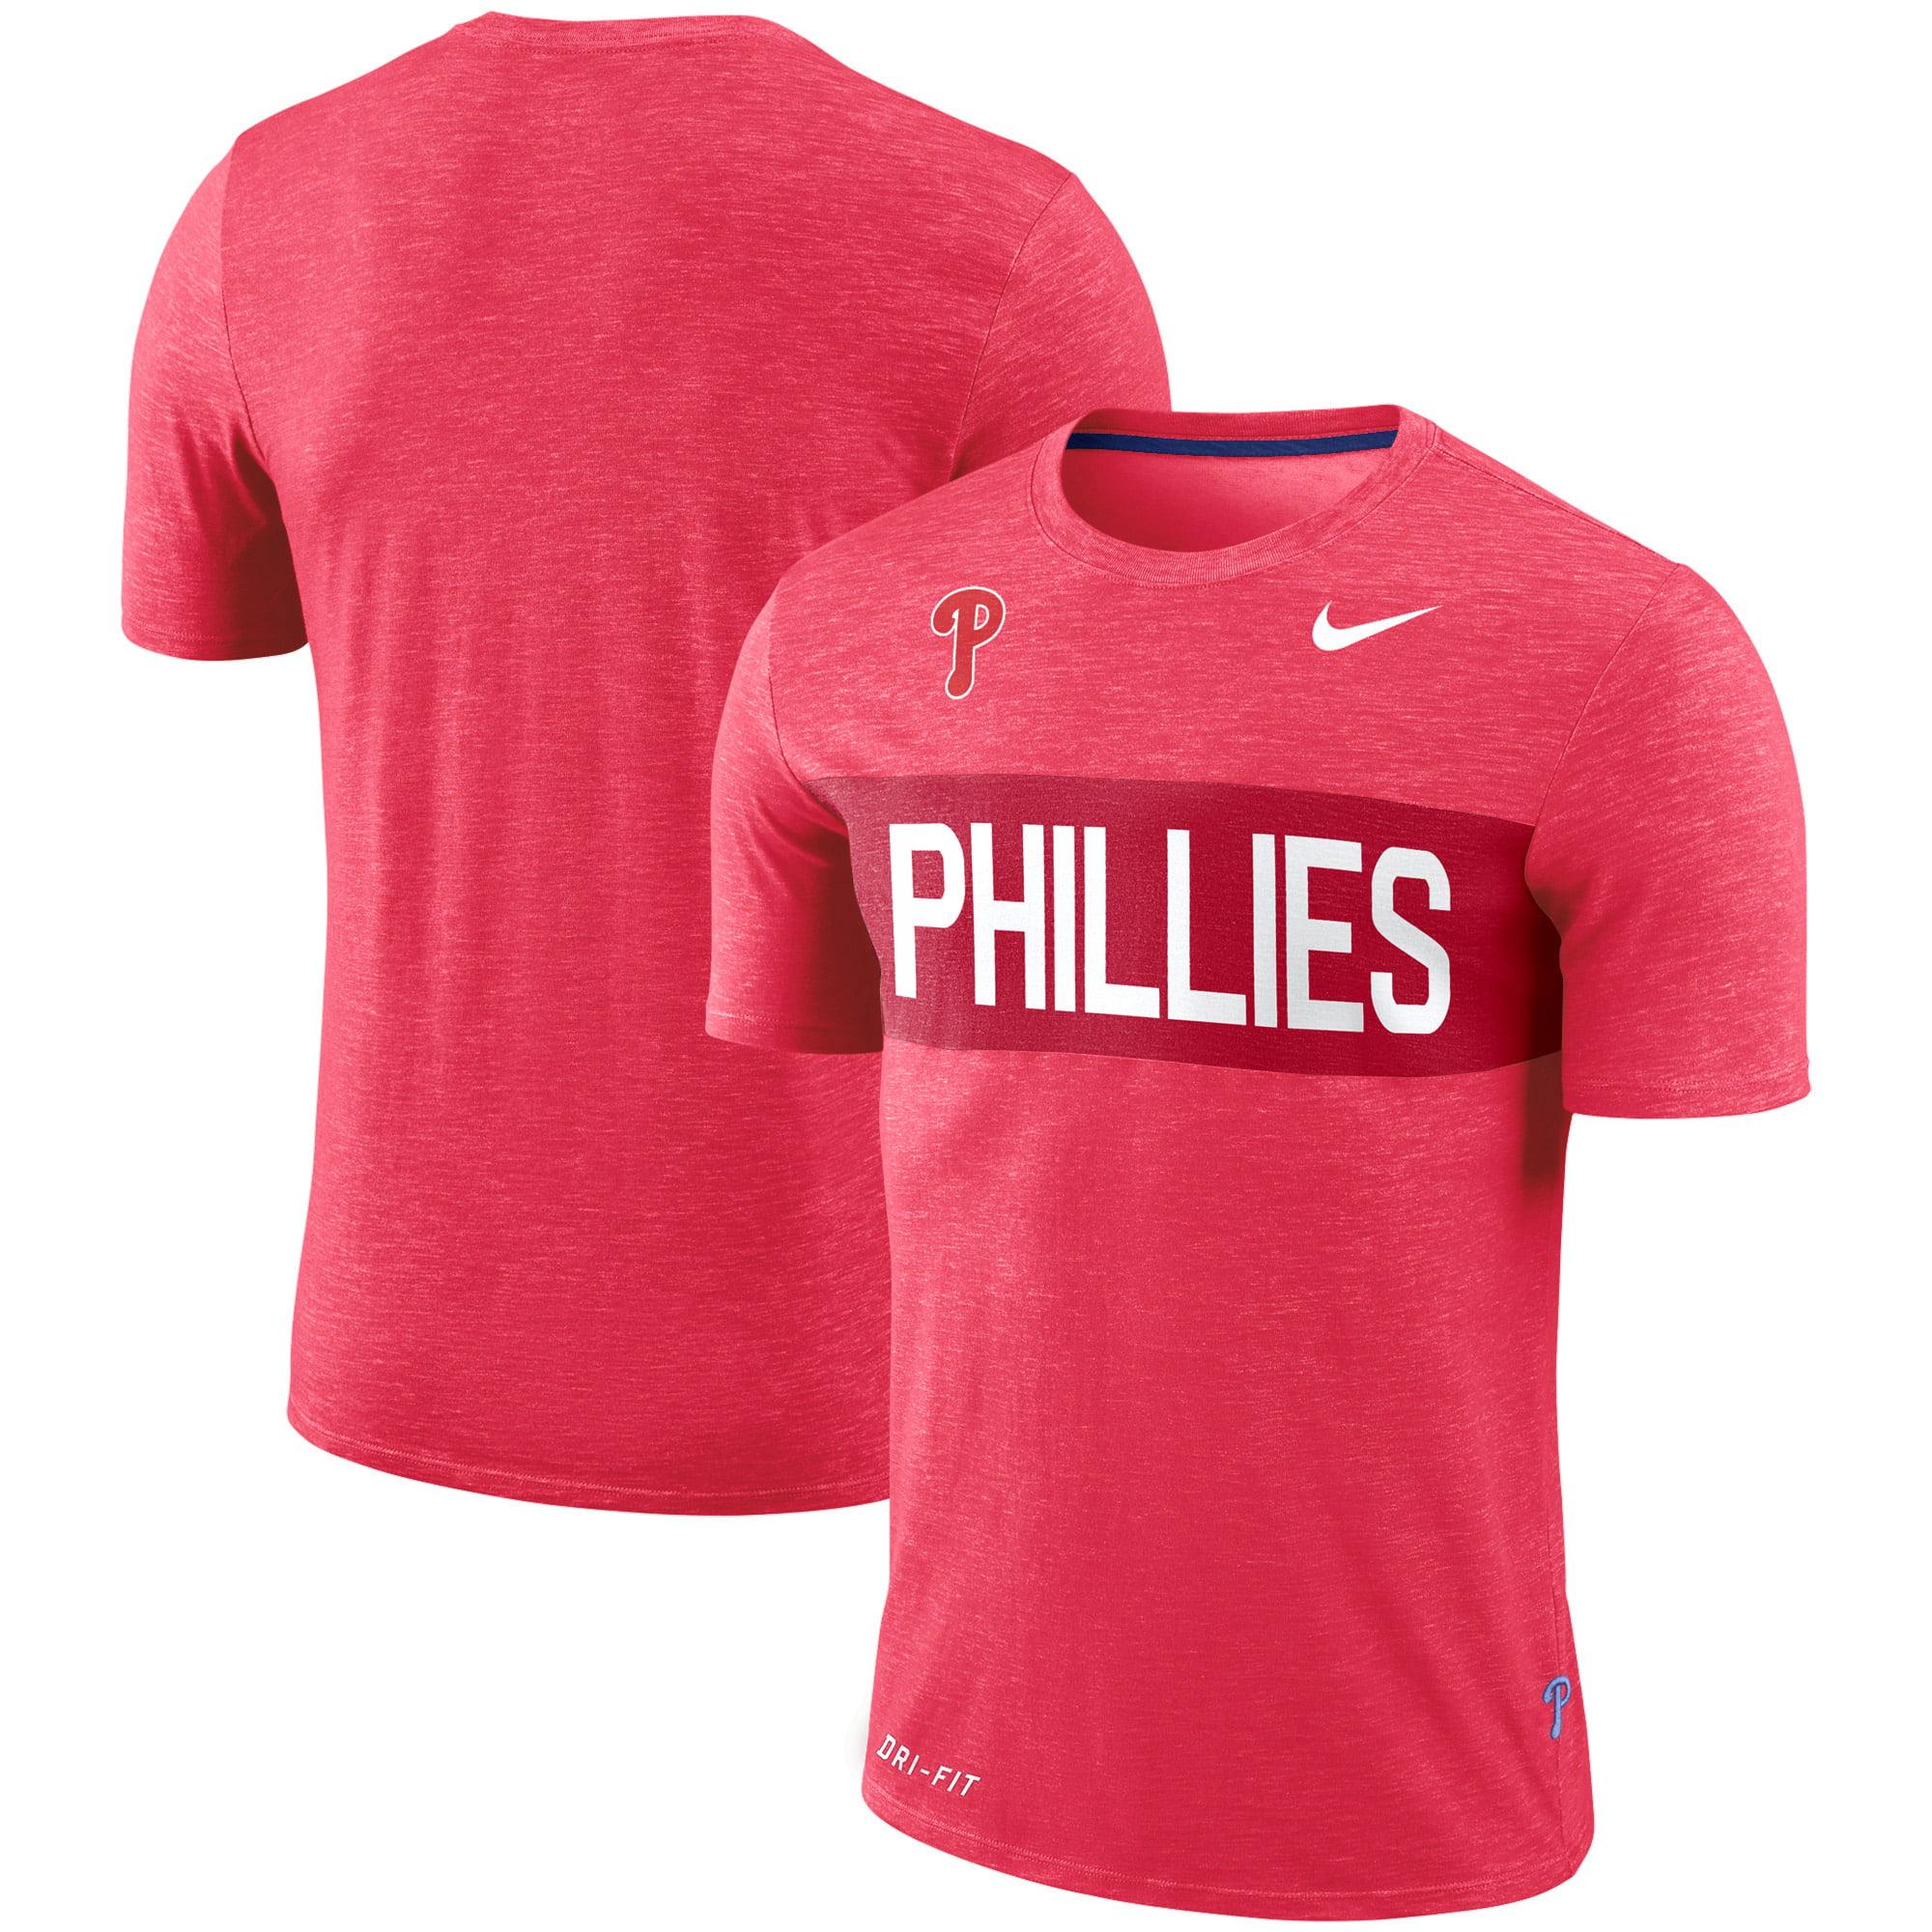 Philadelphia Phillies Nike Slub Stripe Performance T-Shirt - Red